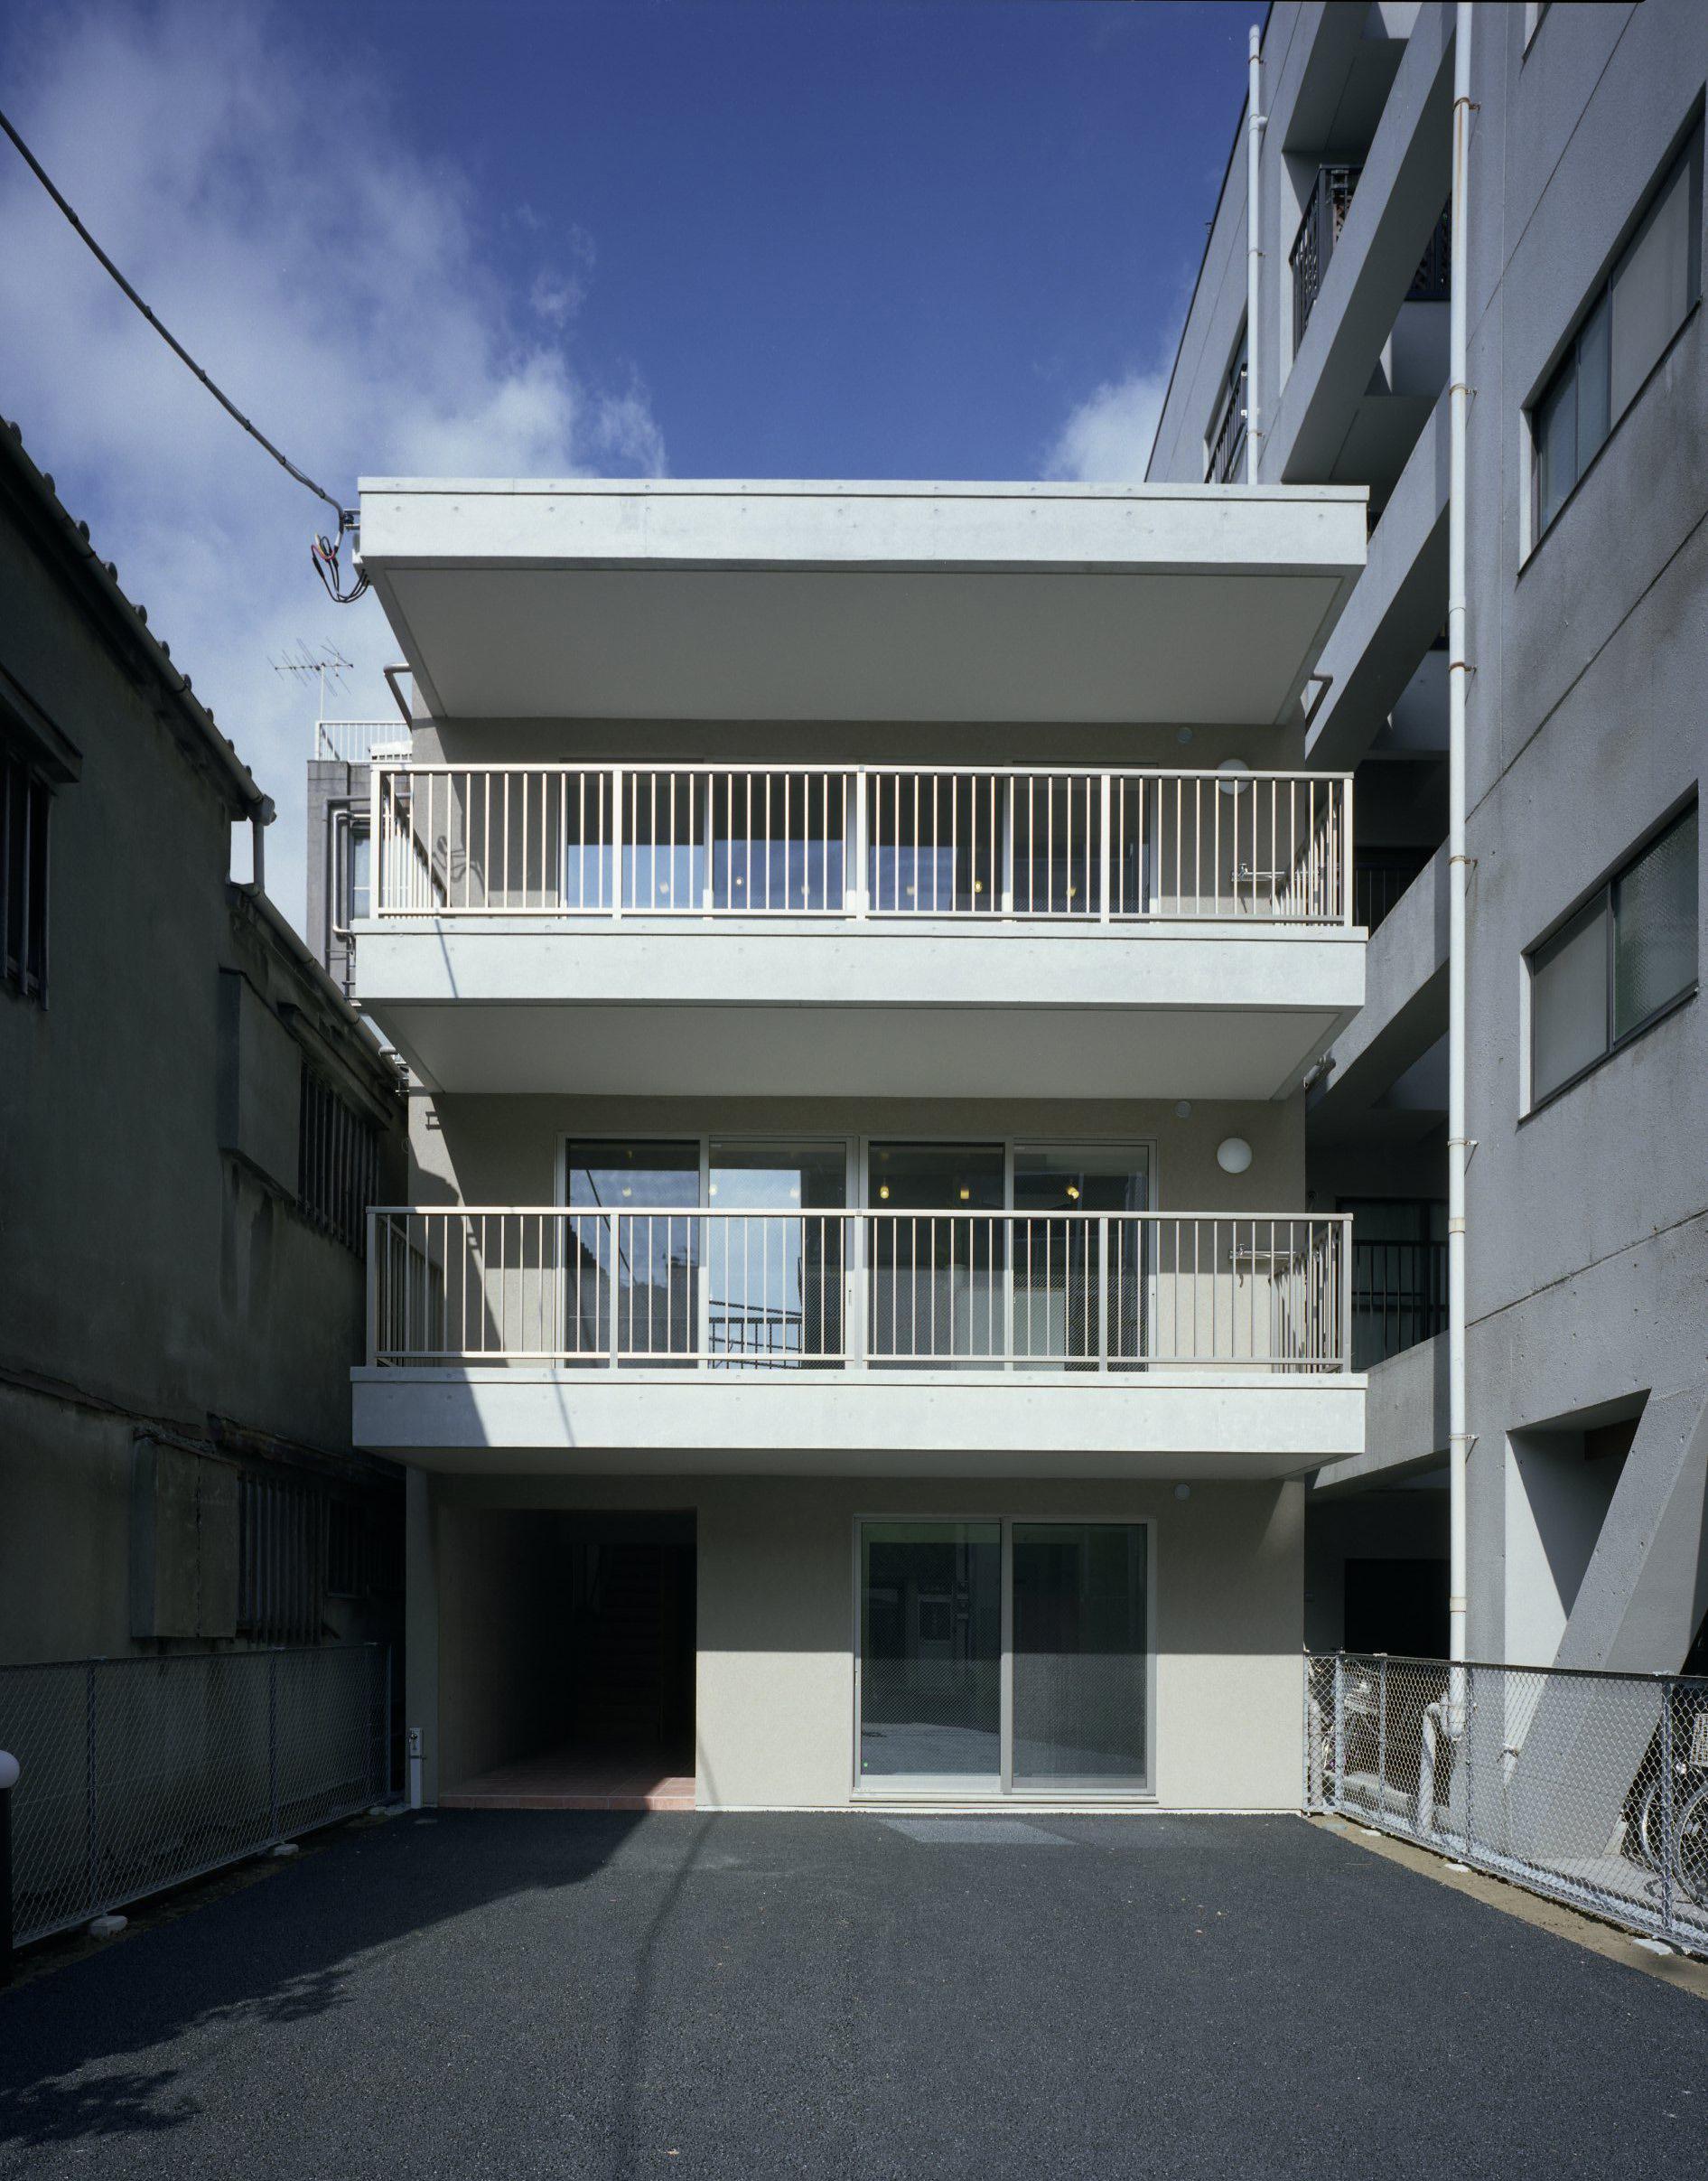 東京都台東区 T邸の部屋 広いバルコニーと屋上のある白い外観